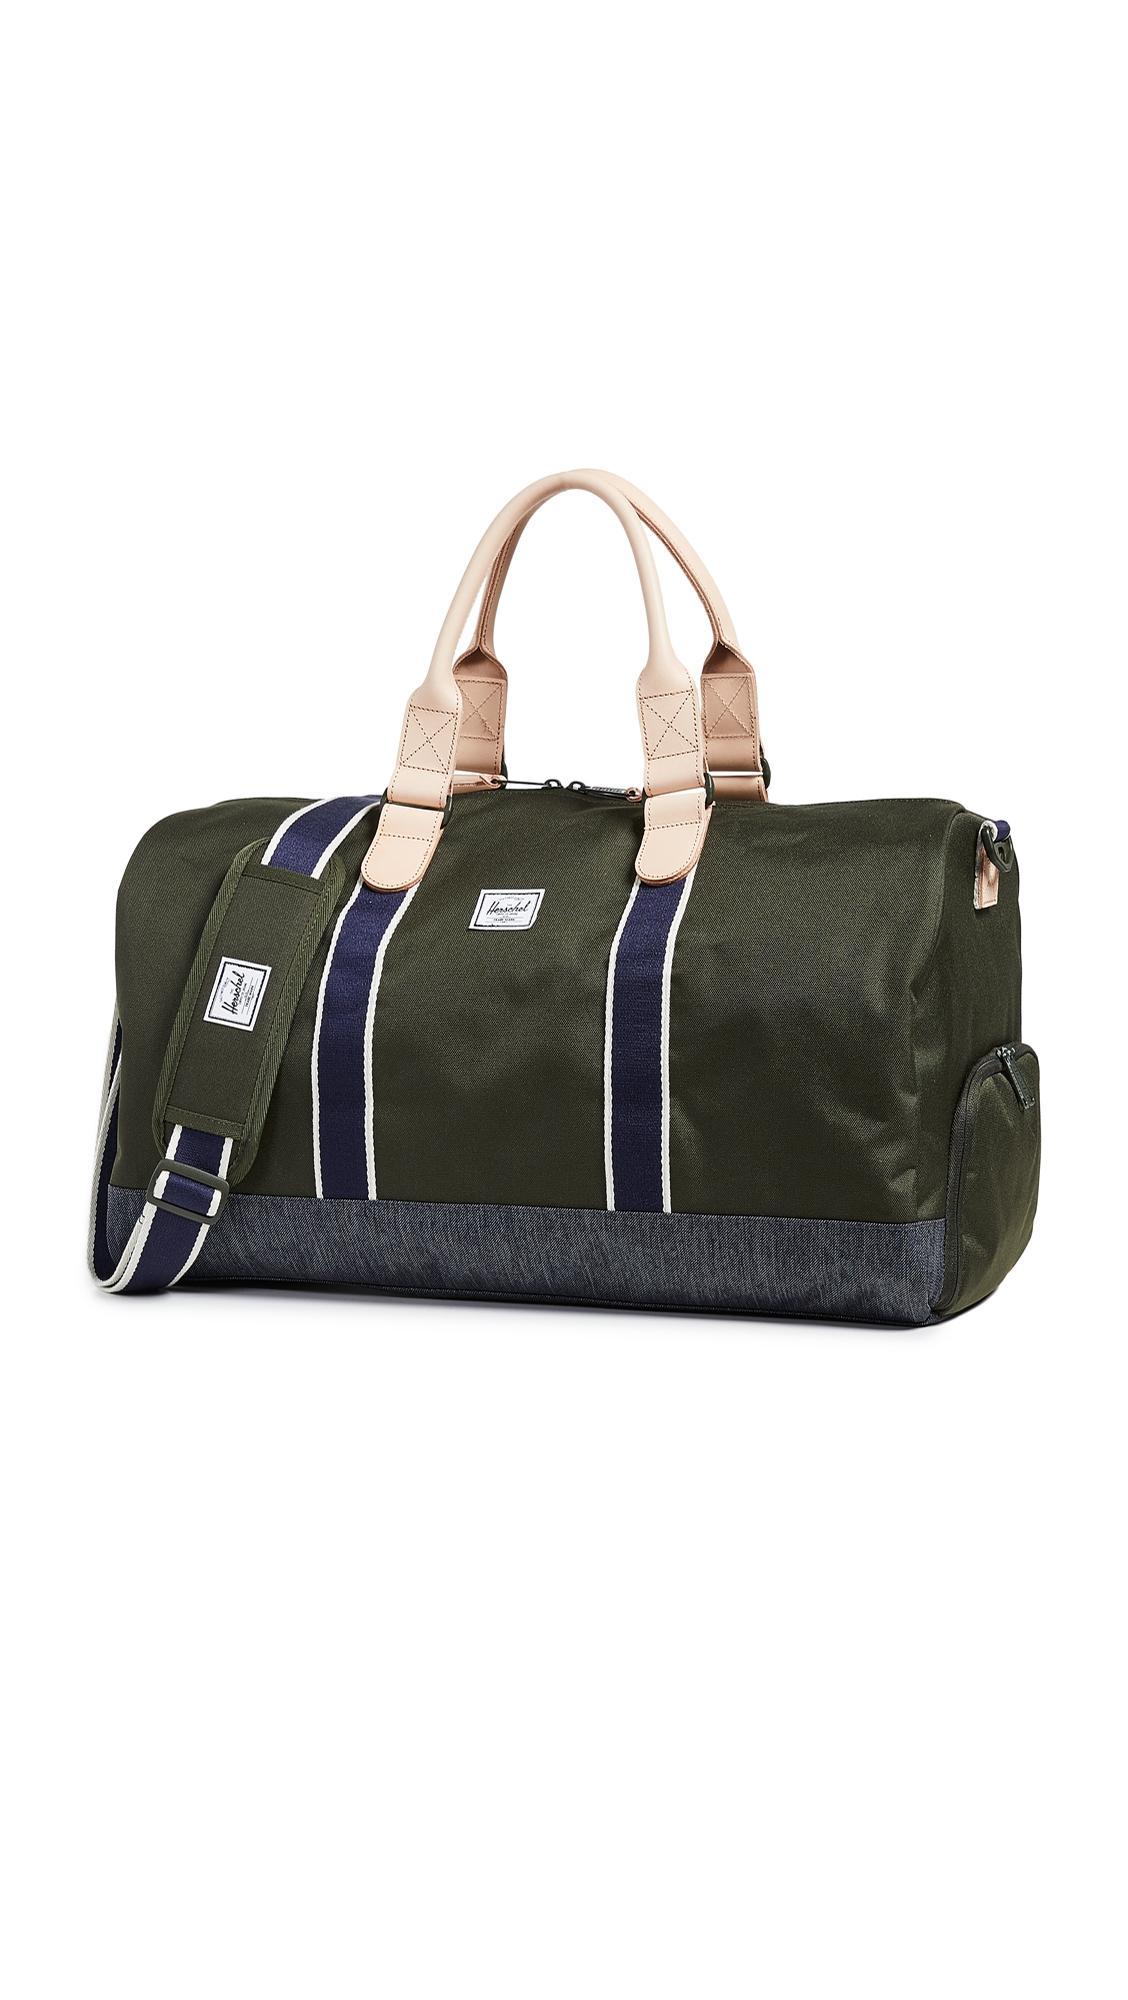 fb10f54ac8fd Herschel Supply Co. Novel Duffel Bag In Forest Night Dark Denim ...